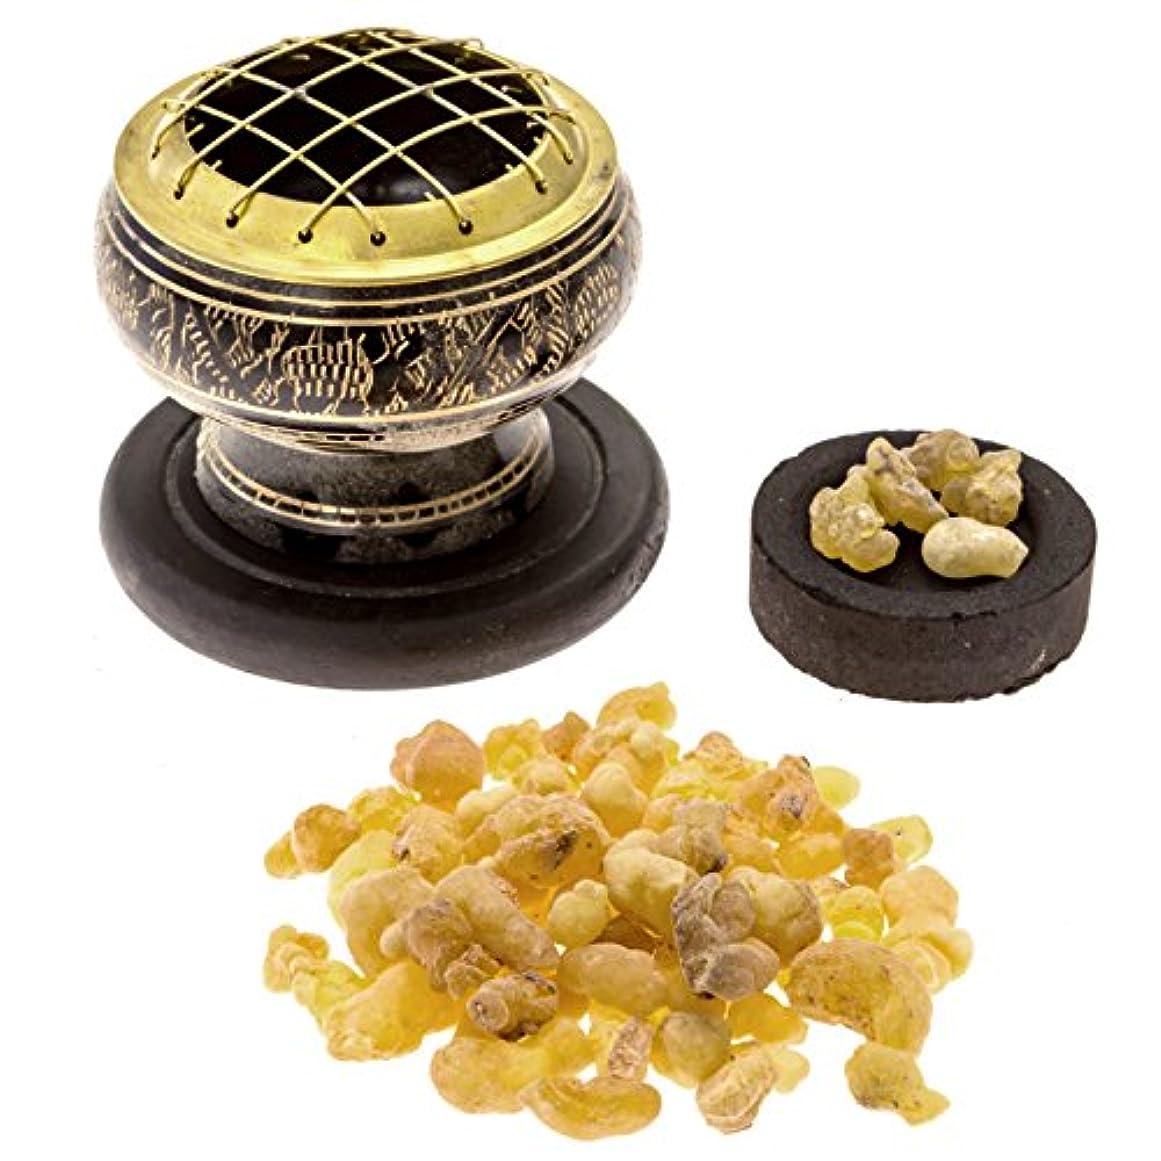 相手半導体軽くプレミアムFrankincense Burningキット( withチベット香炉または真鍮画面Burner ) (真鍮Burner )